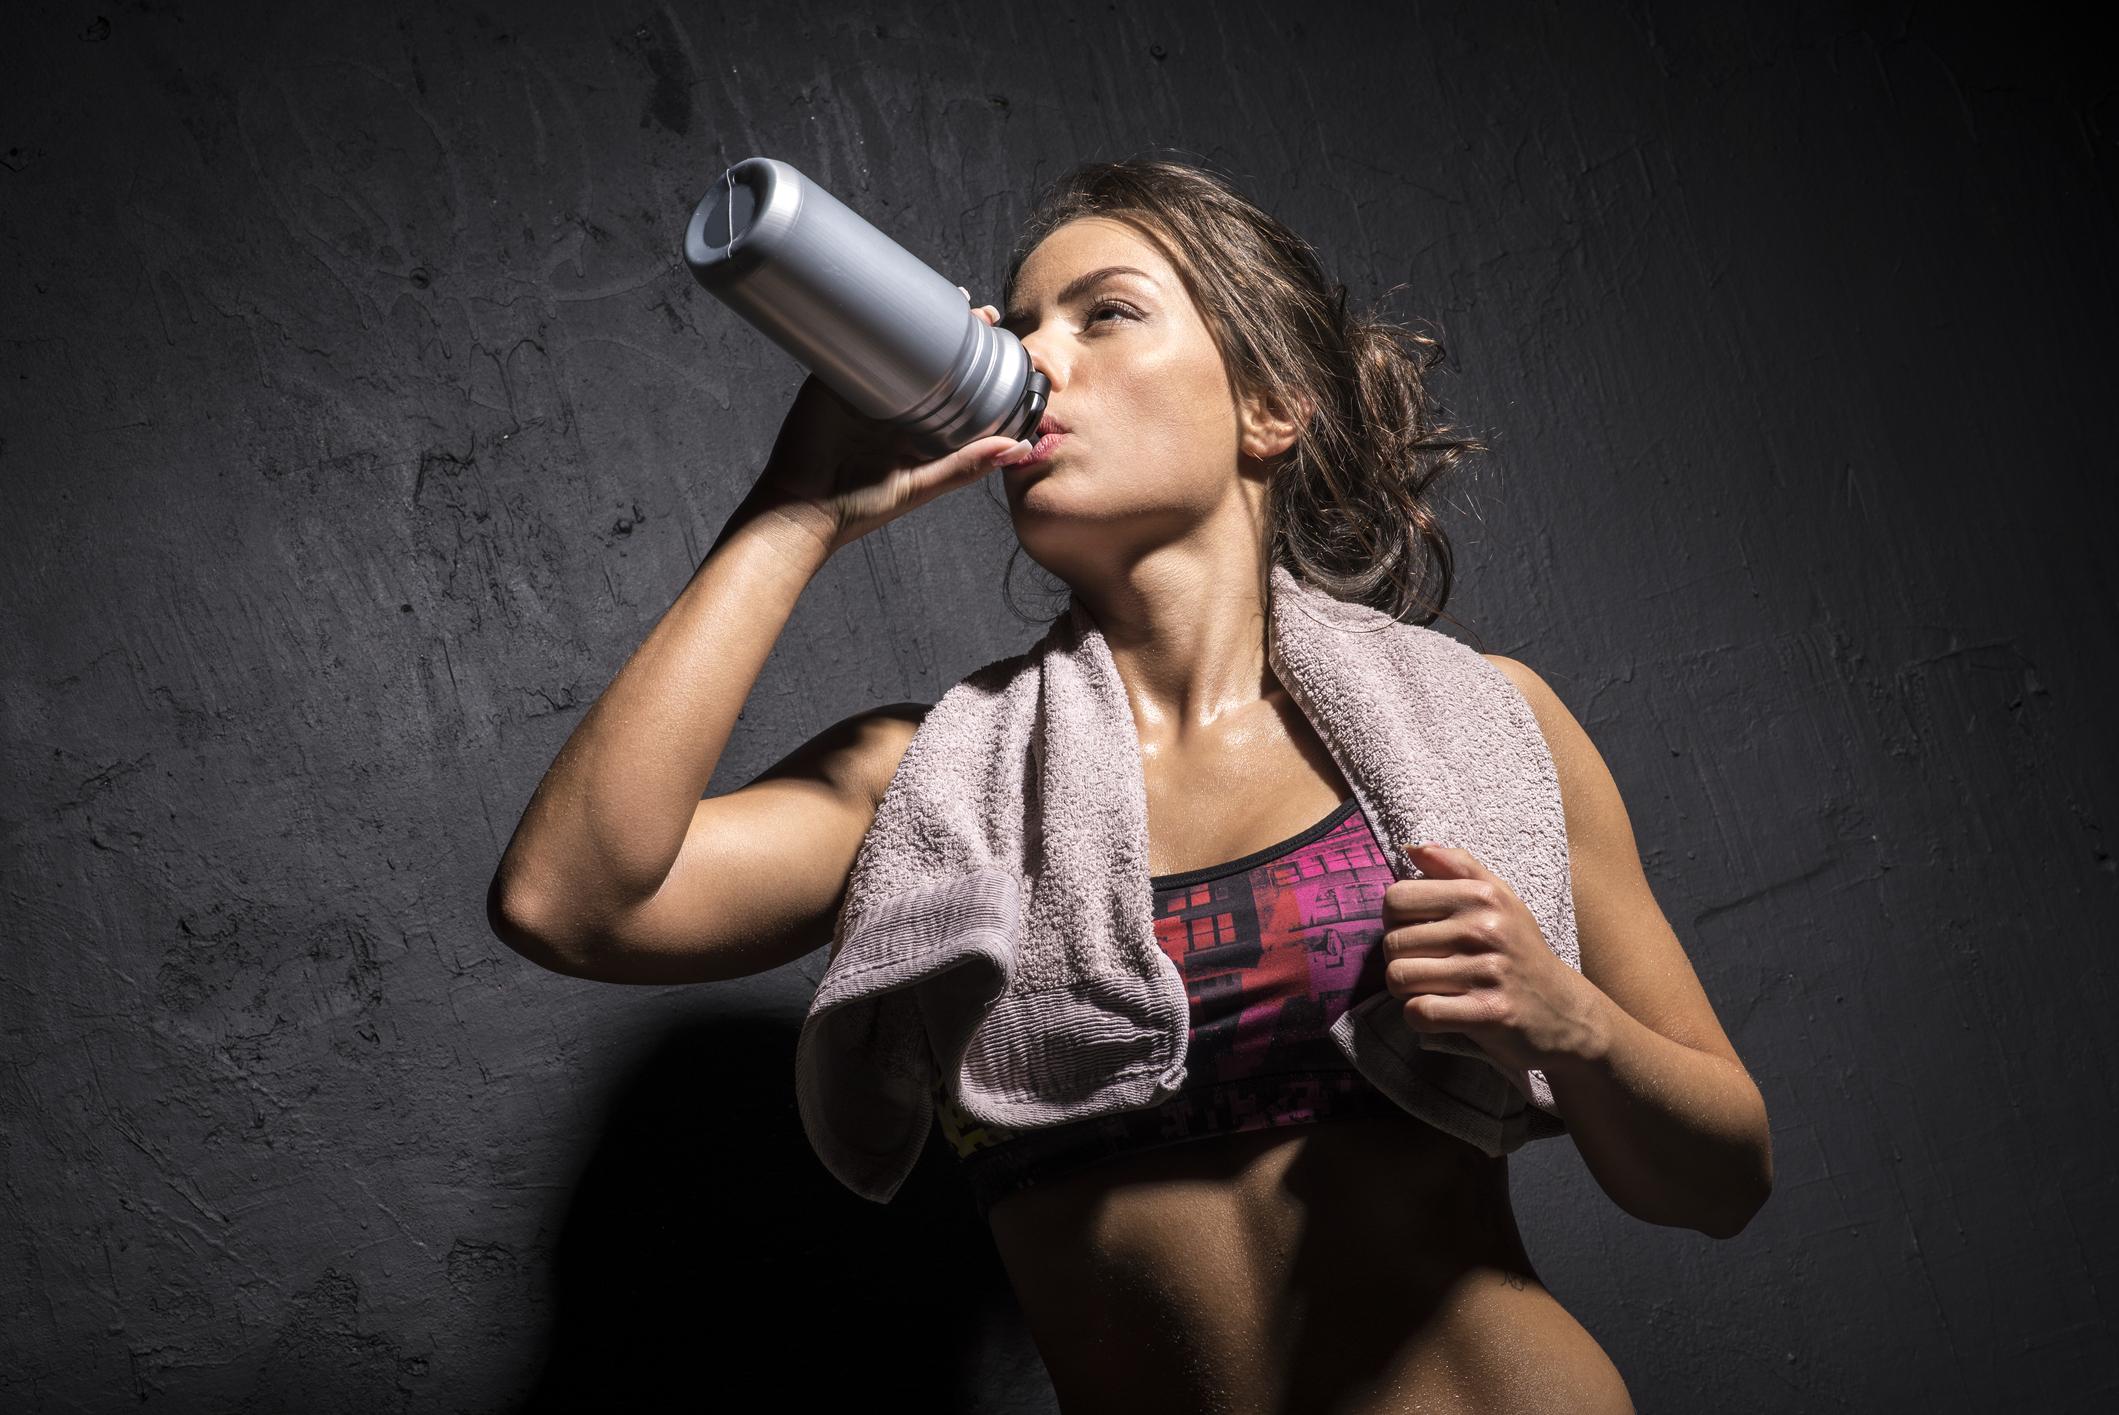 träning underhudsfett